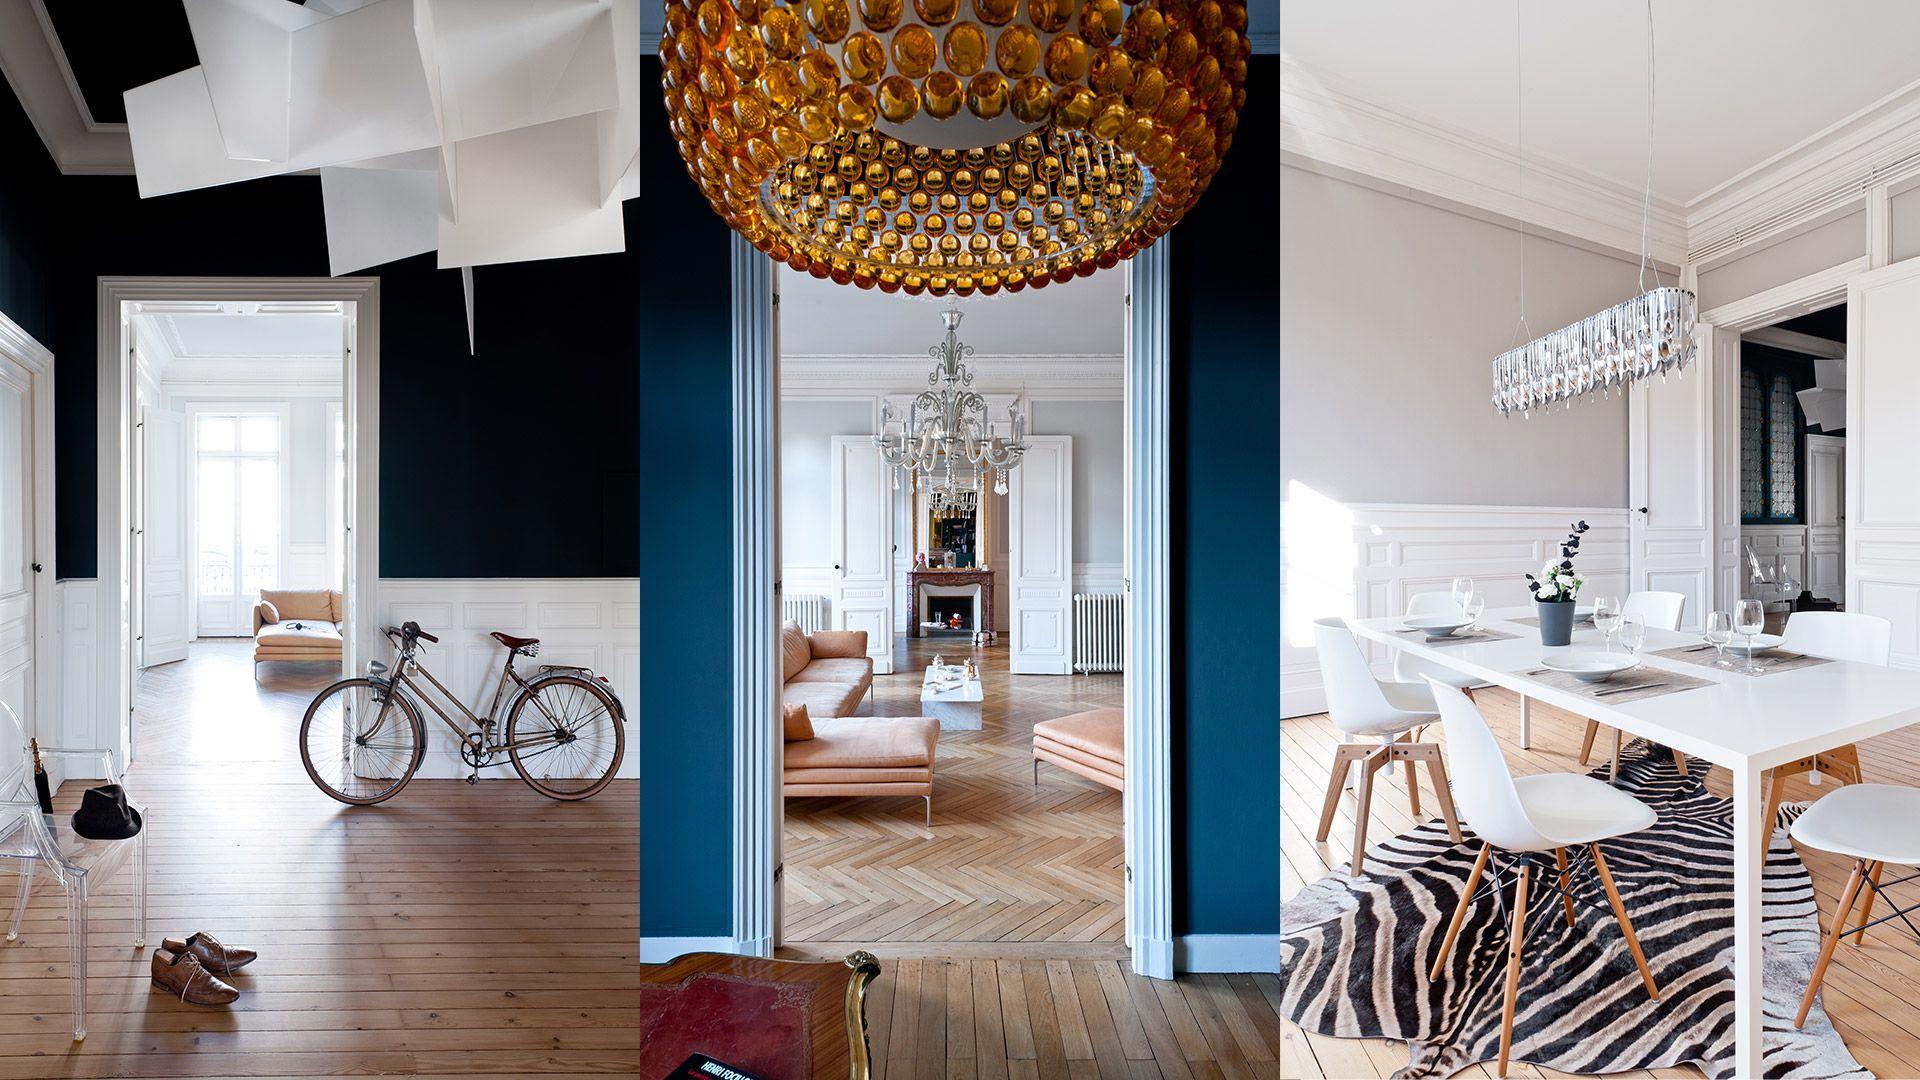 Un Appartement Haussmanien A Pey Berland Bordeaux Daphne Serrado Architecture Interieure Decoration Appartement Appartement